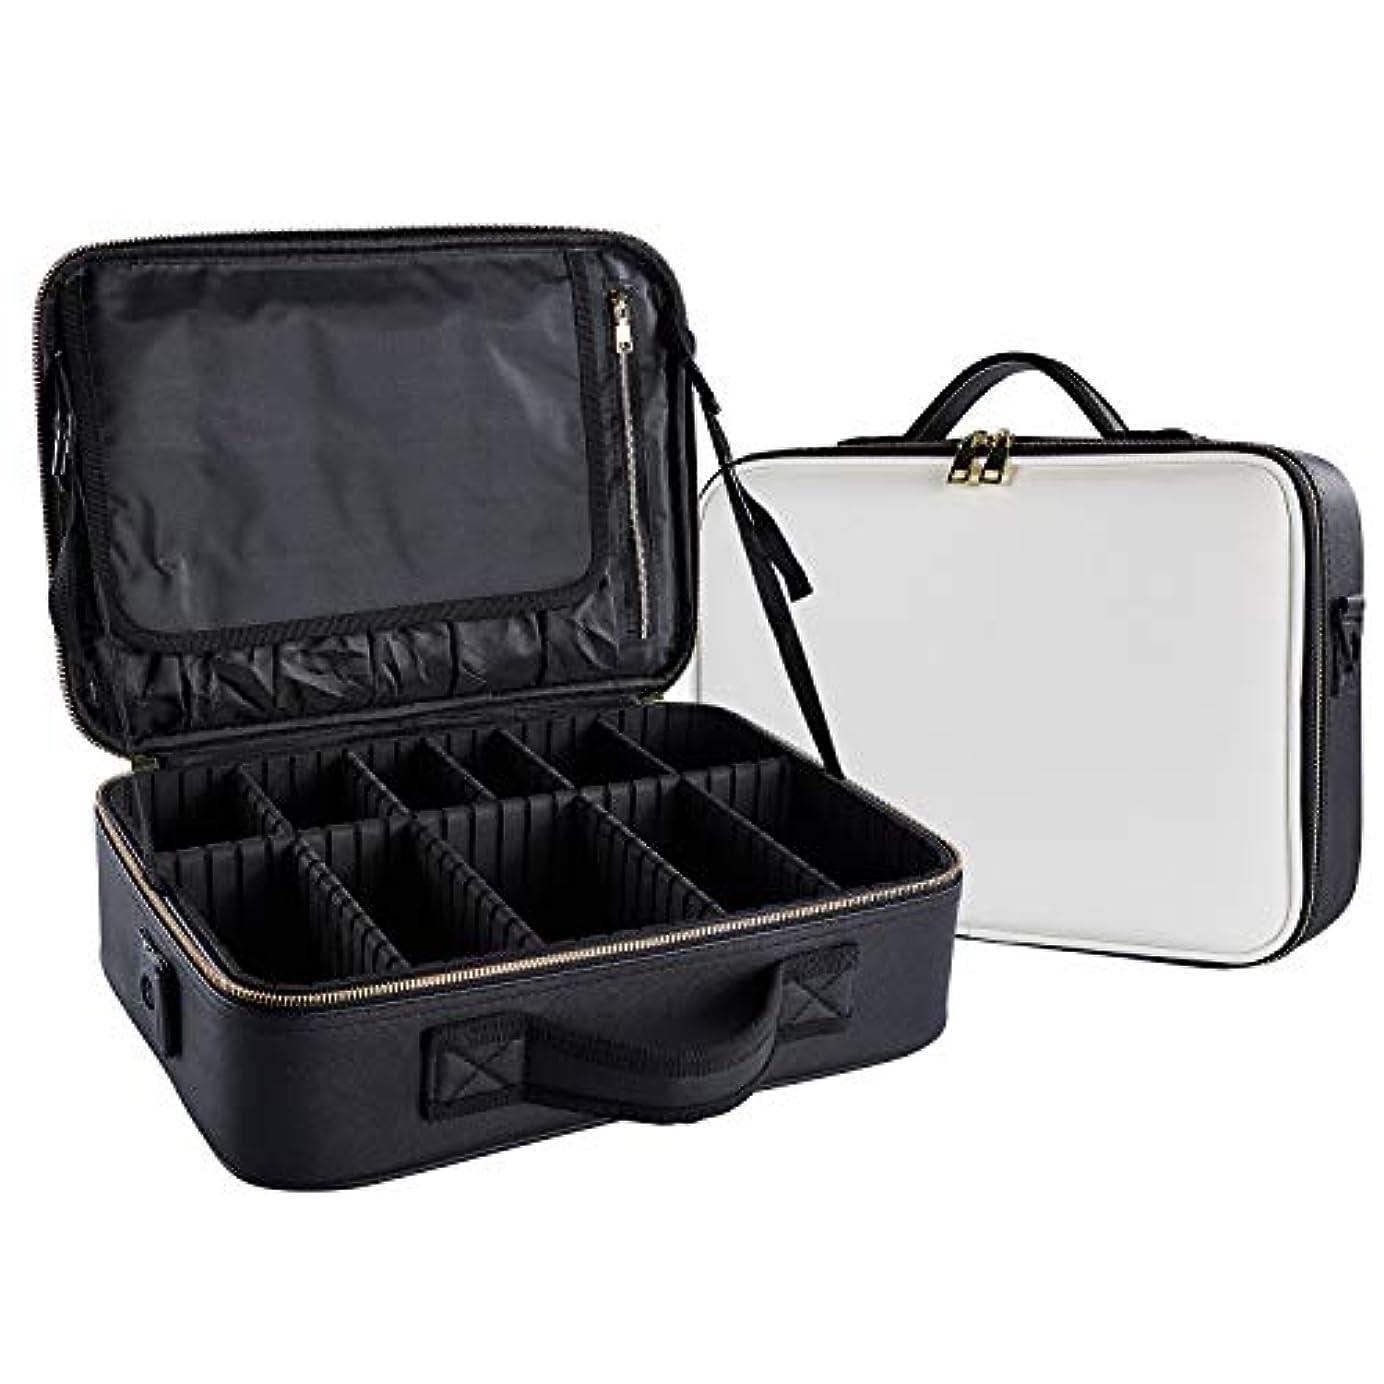 処理する銃酸っぱいArcEnCiel メイクボックス プロ用 化粧道具 コスメ収納 化粧箱 收納抜群 大容量 メイクアップ ボックス